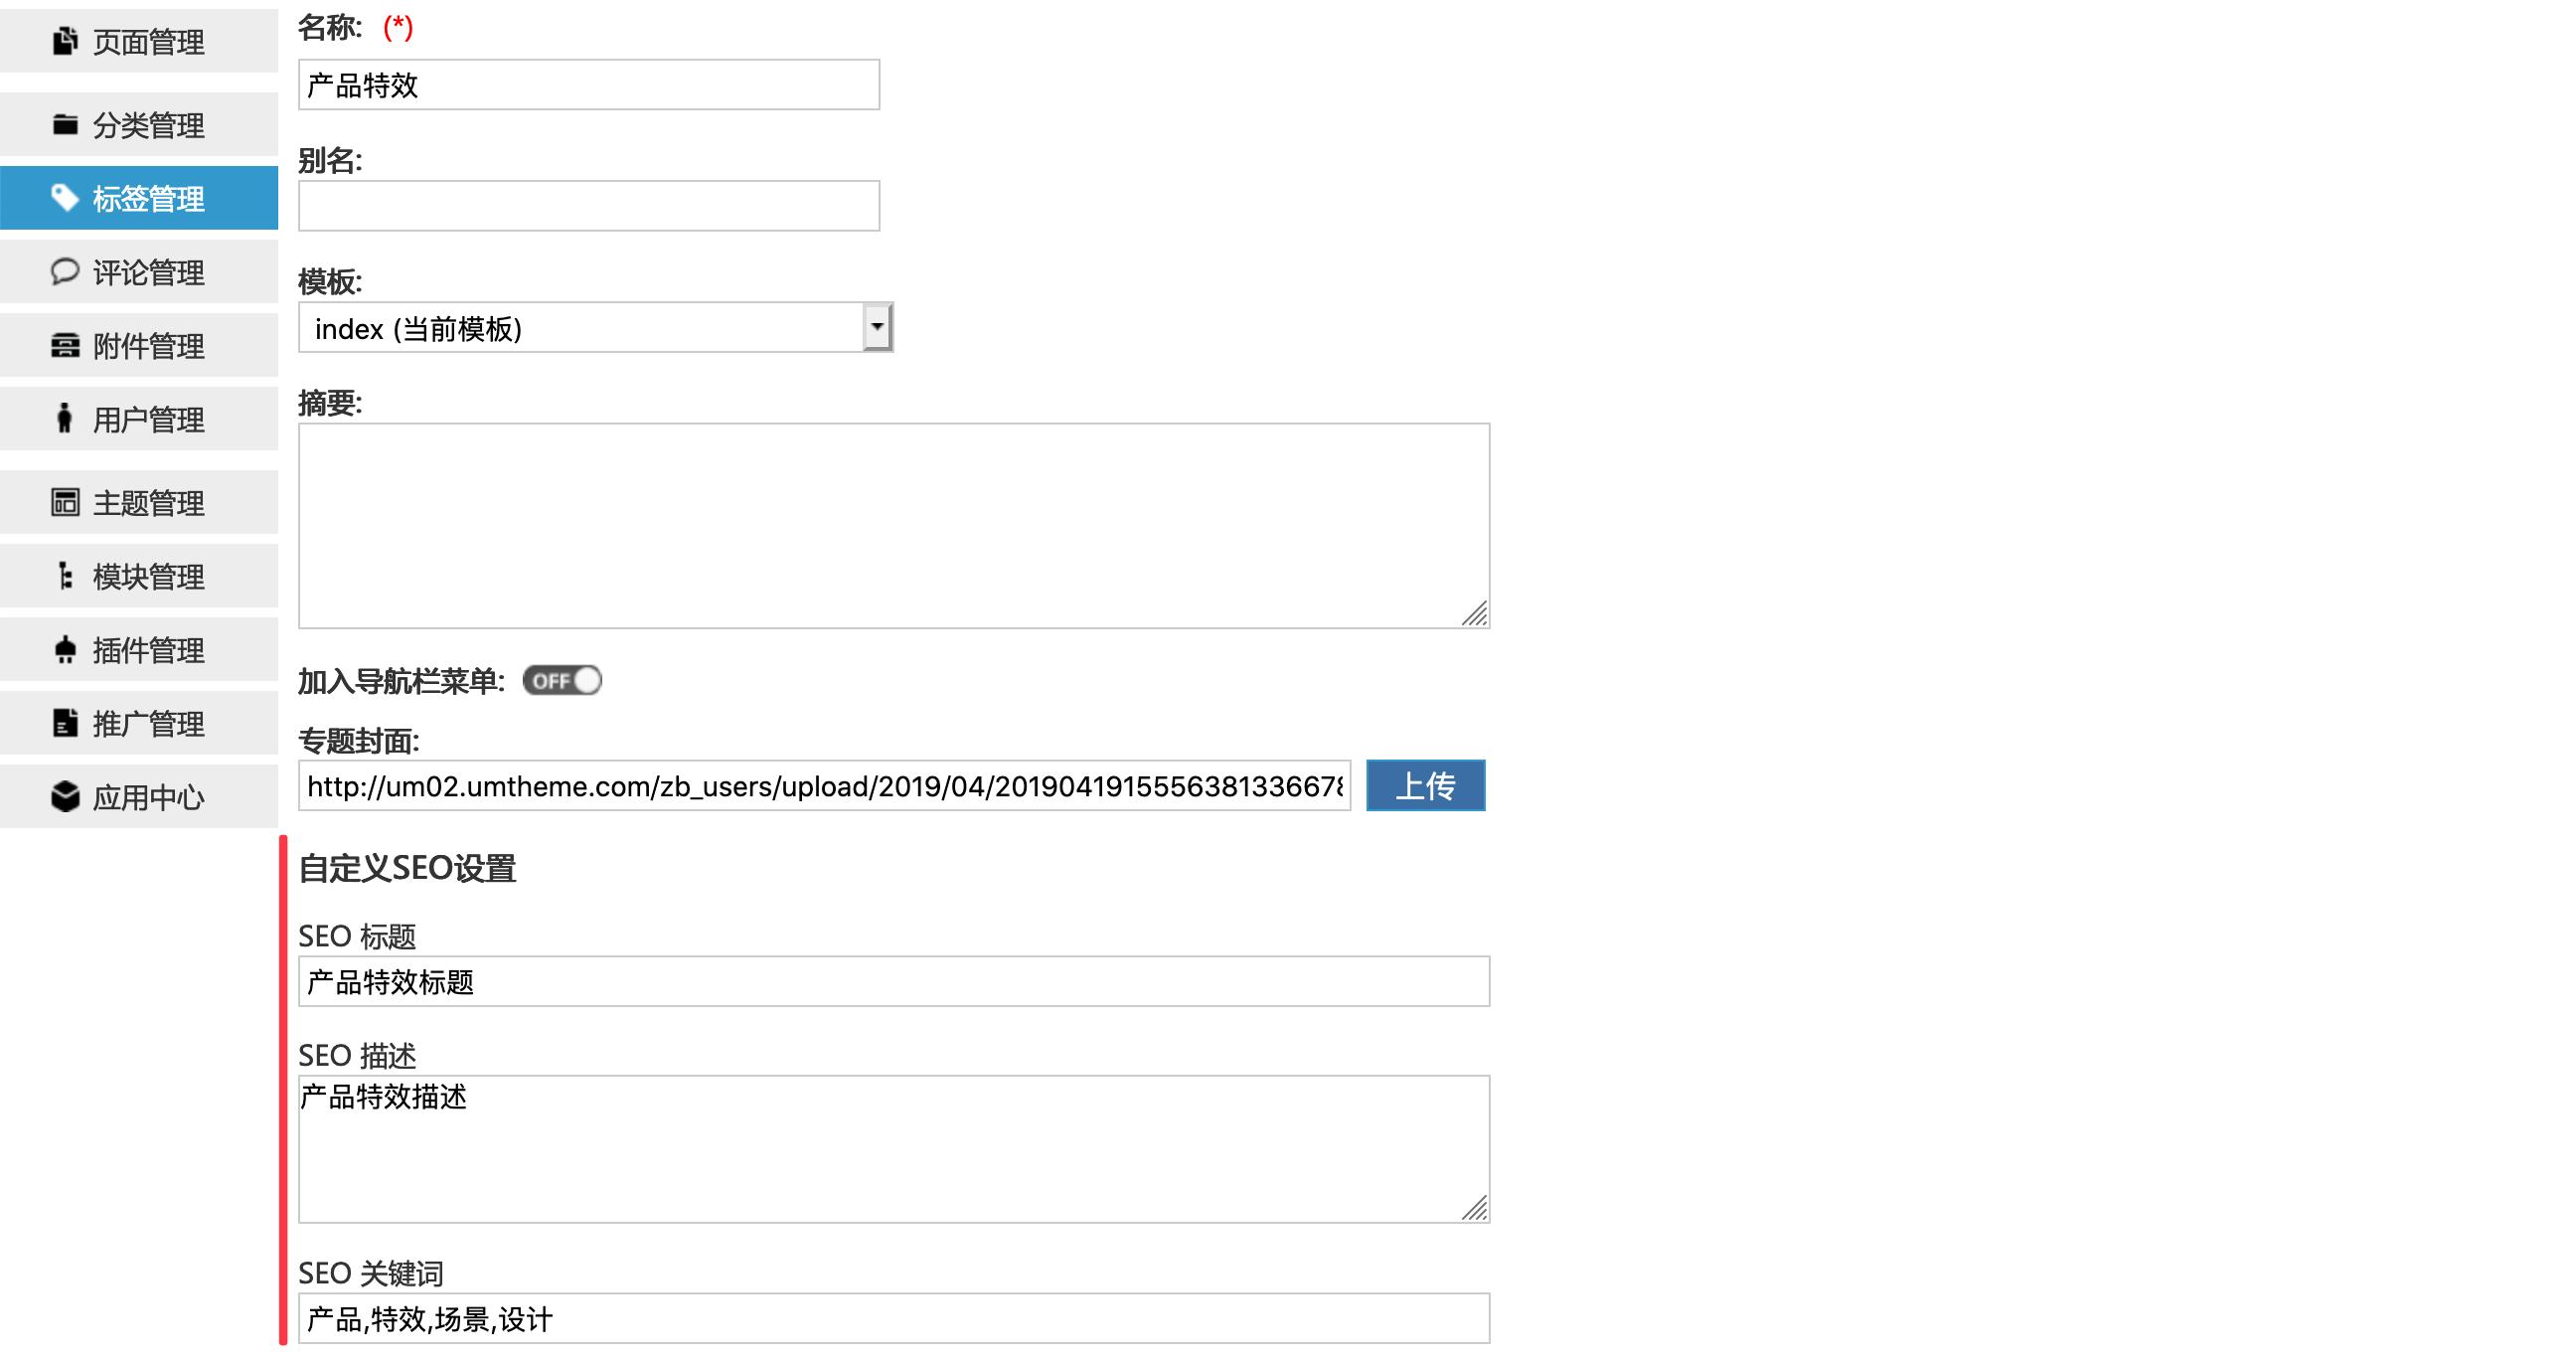 优美畅享版企业站响应式主题 企业站主题 自适应 zblog 模板 主题 zblog主题  图2